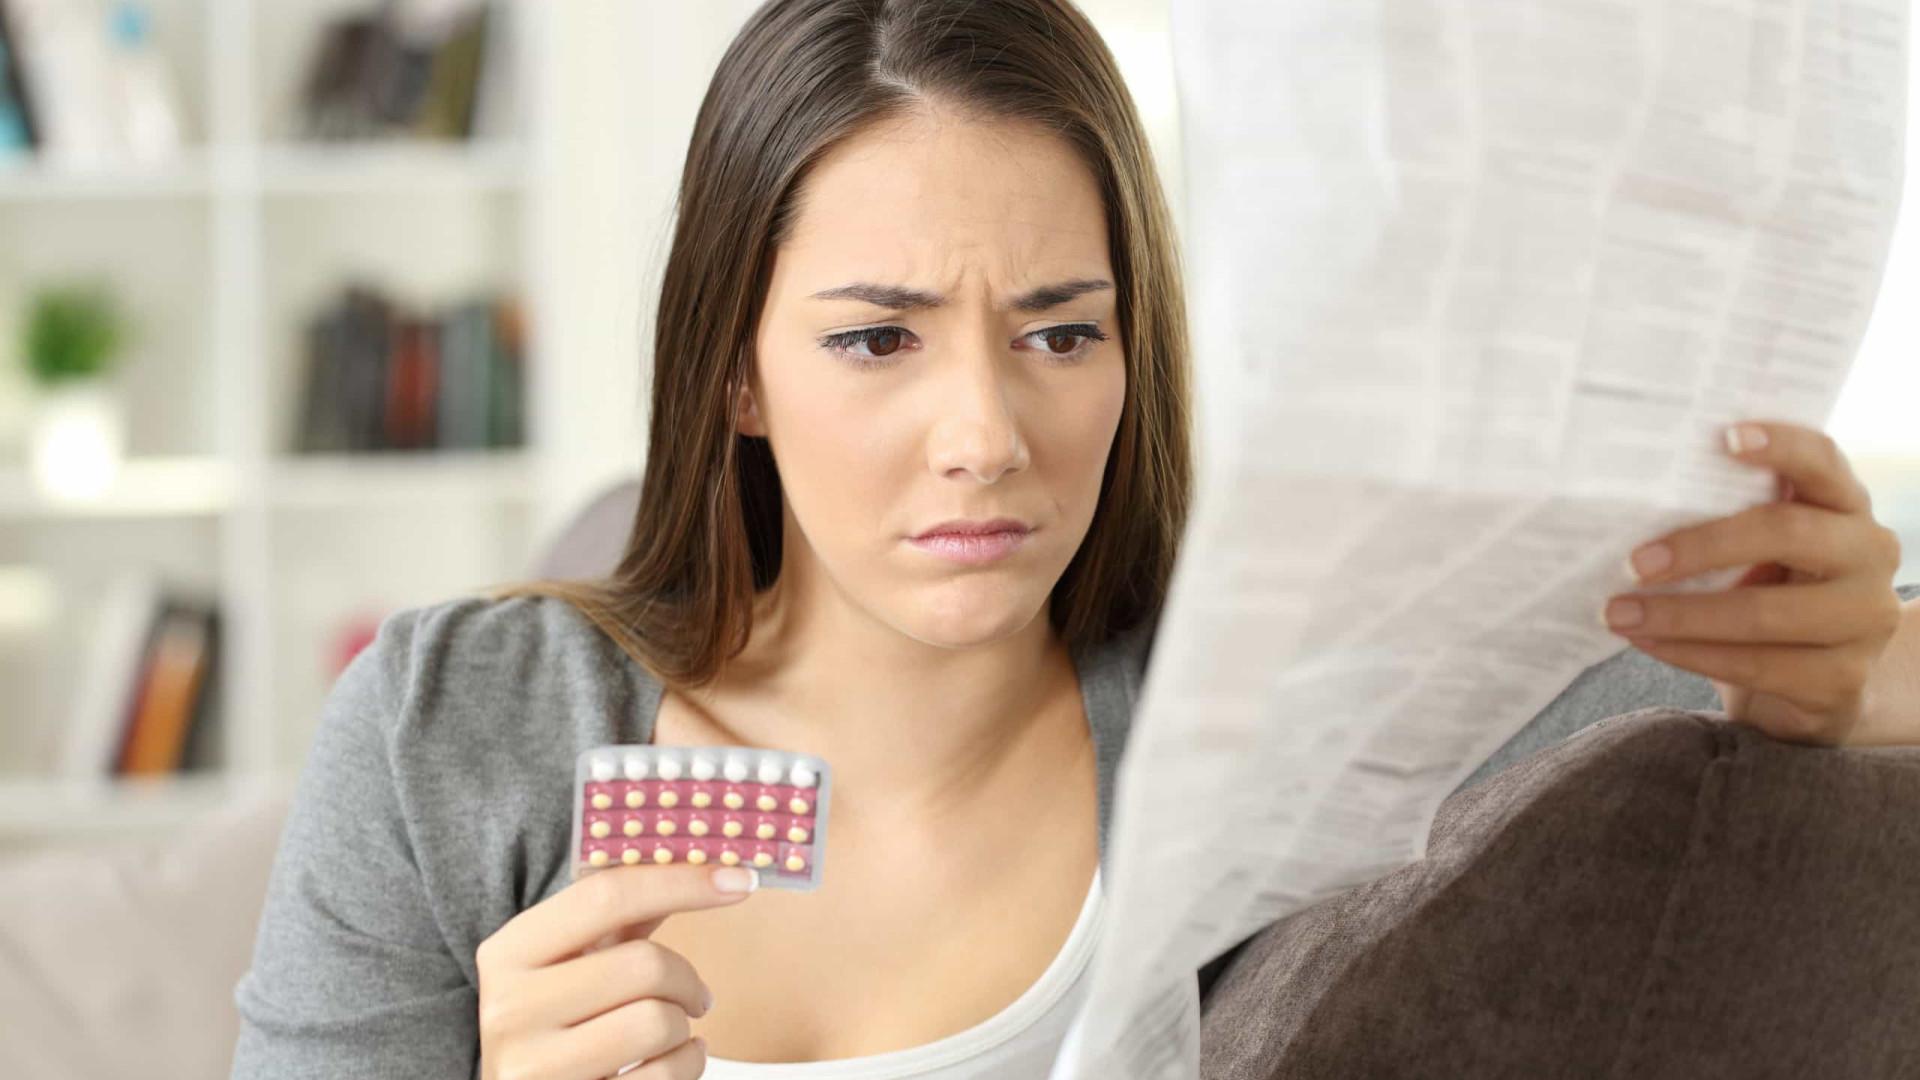 Tomar a pílula provoca ansiedade e causa depressão?